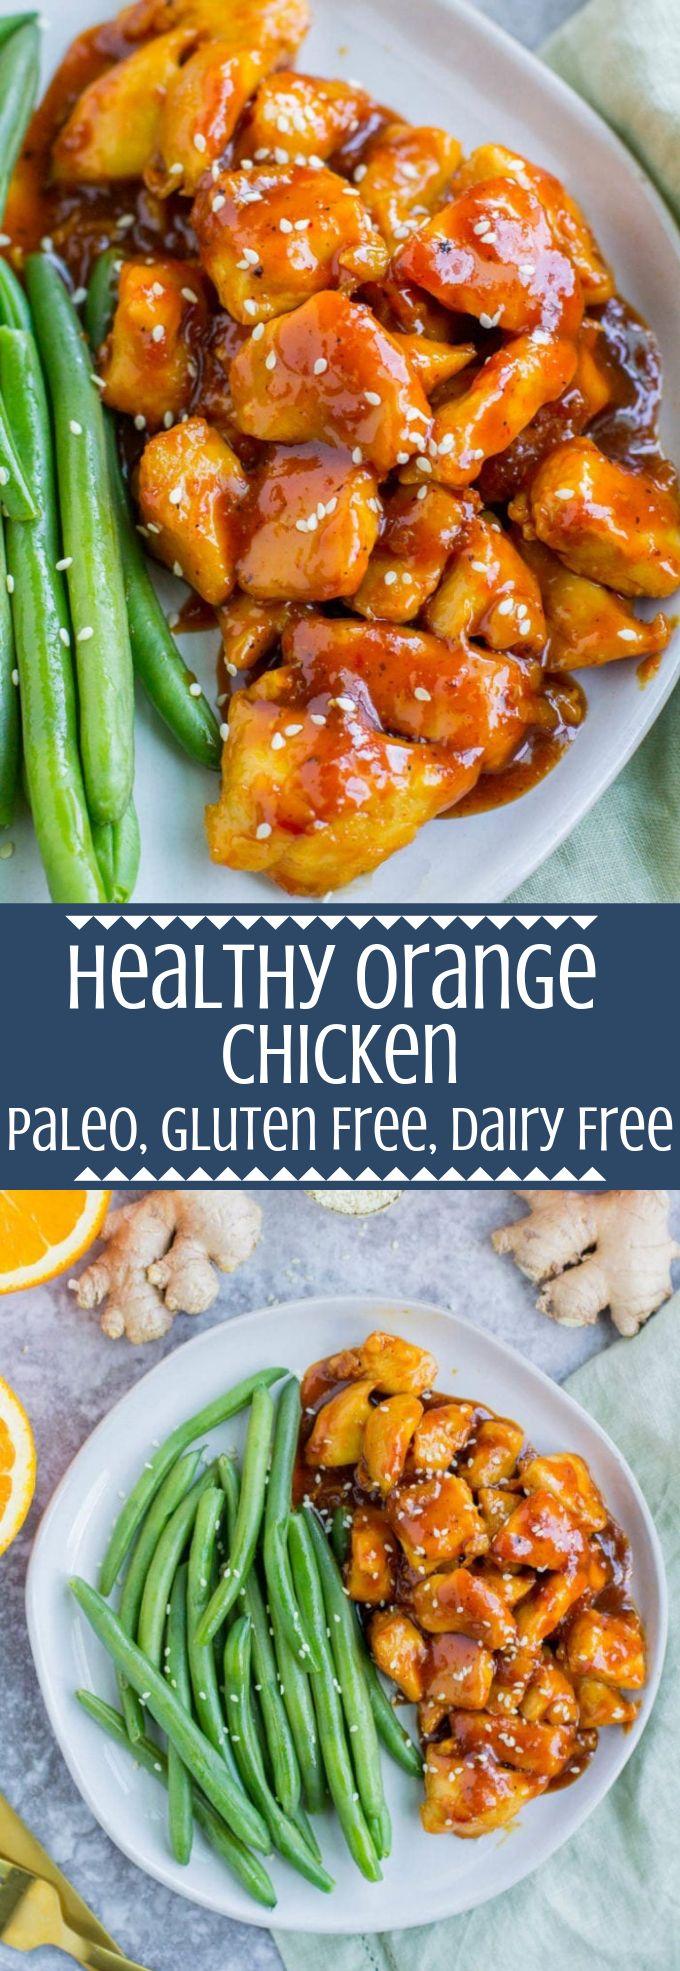 Pollo all'arancia sano